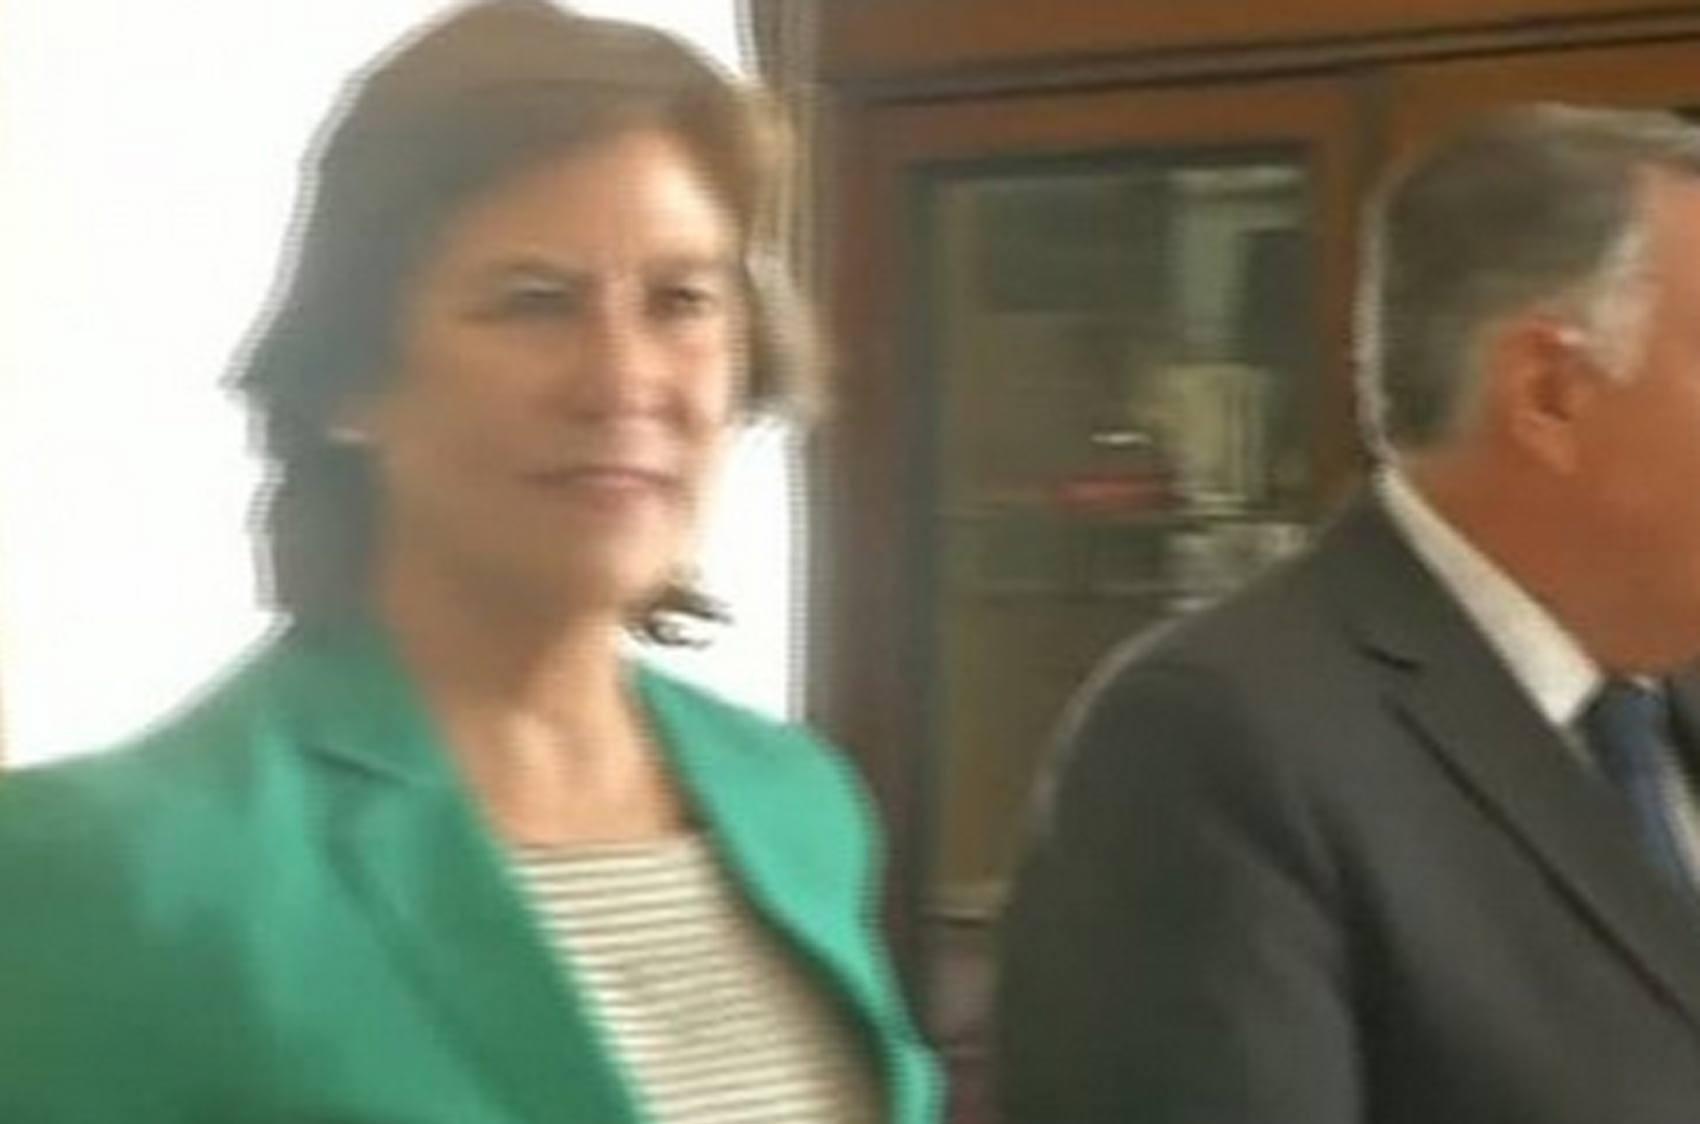 Cuba impede visita de ex-ministra chilena por ser 'grave provocação'